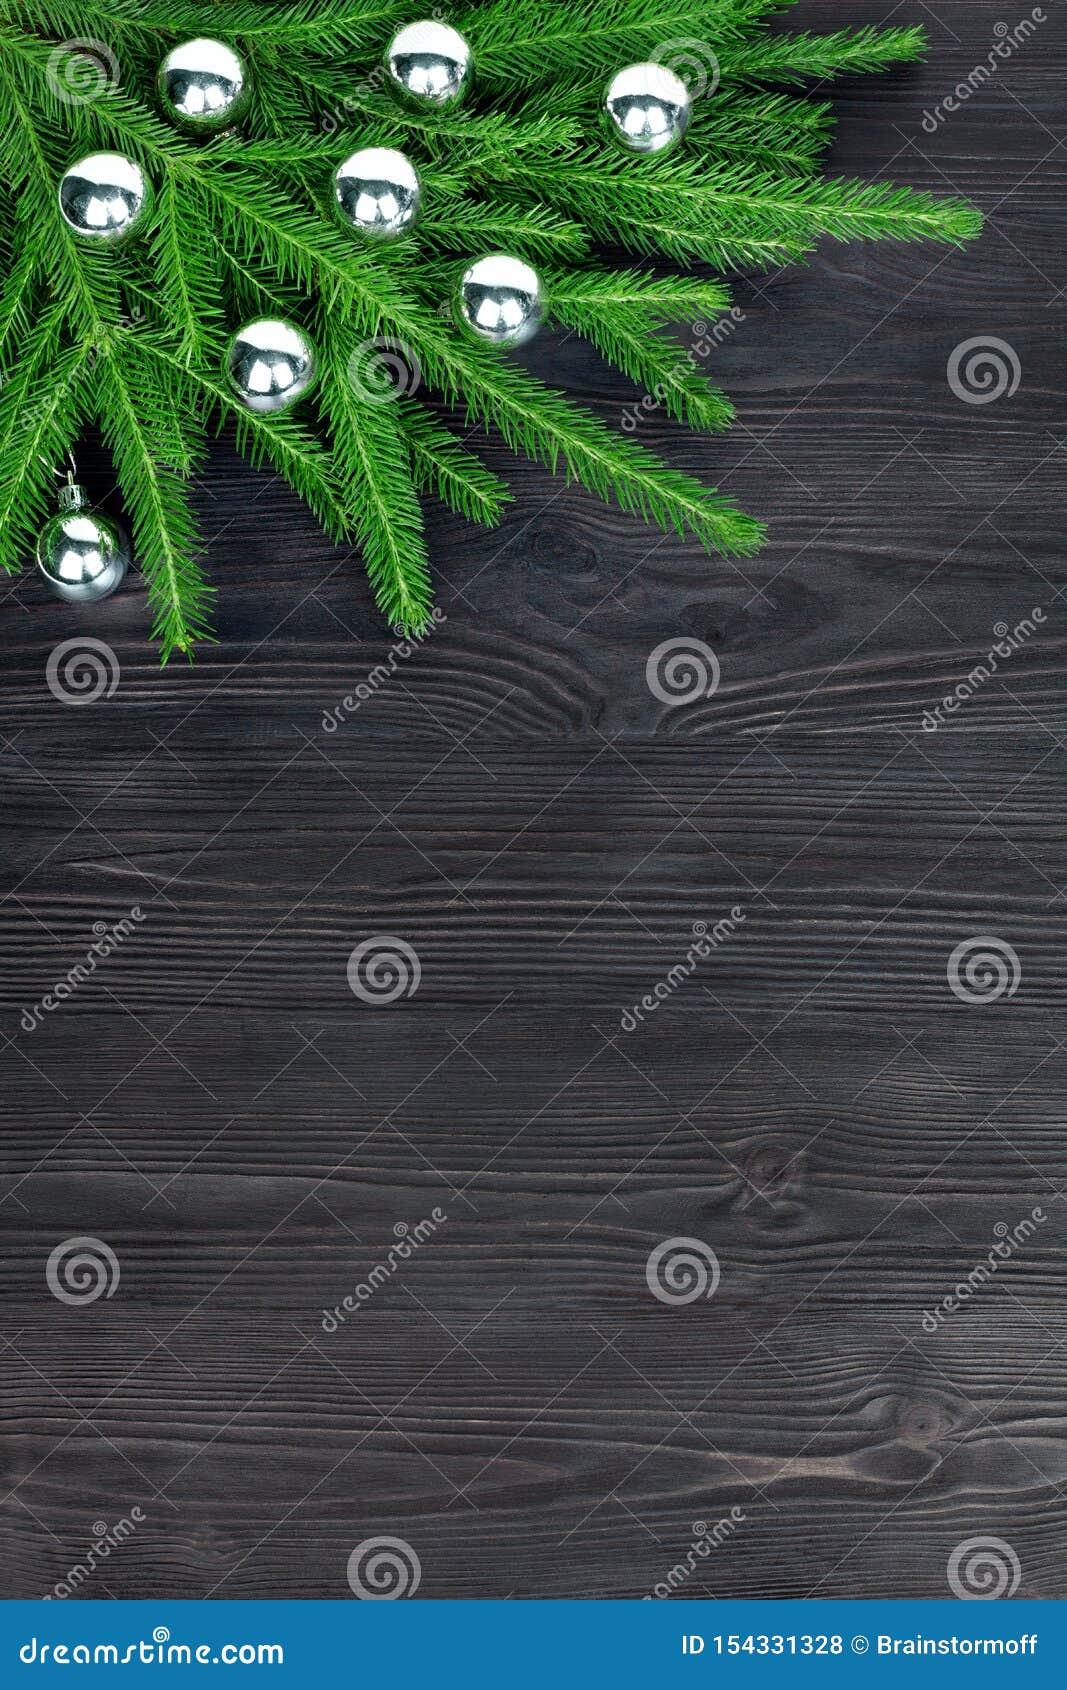 圣诞节欢乐壁角边界,新年装饰框架,在绿色冷杉分支的银色玻璃球装饰在黑木头